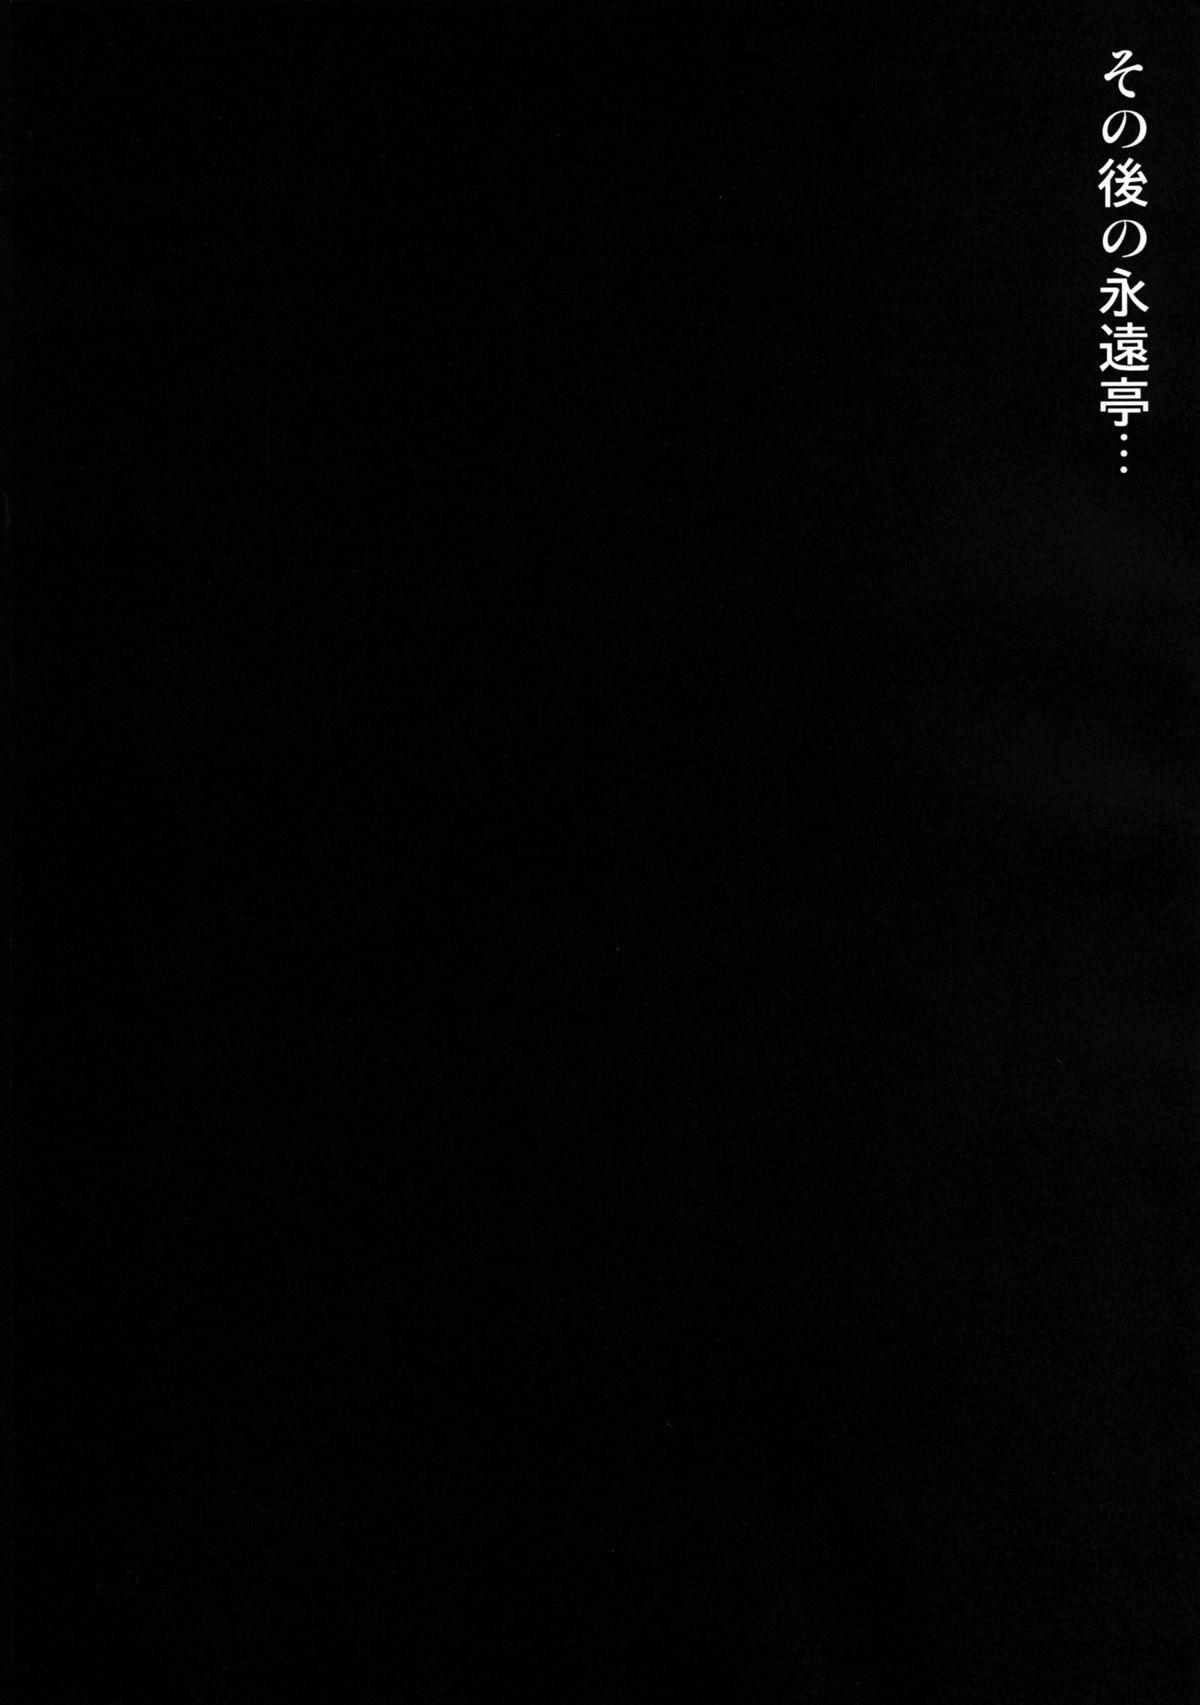 Soku Ochi Eiyashou 14